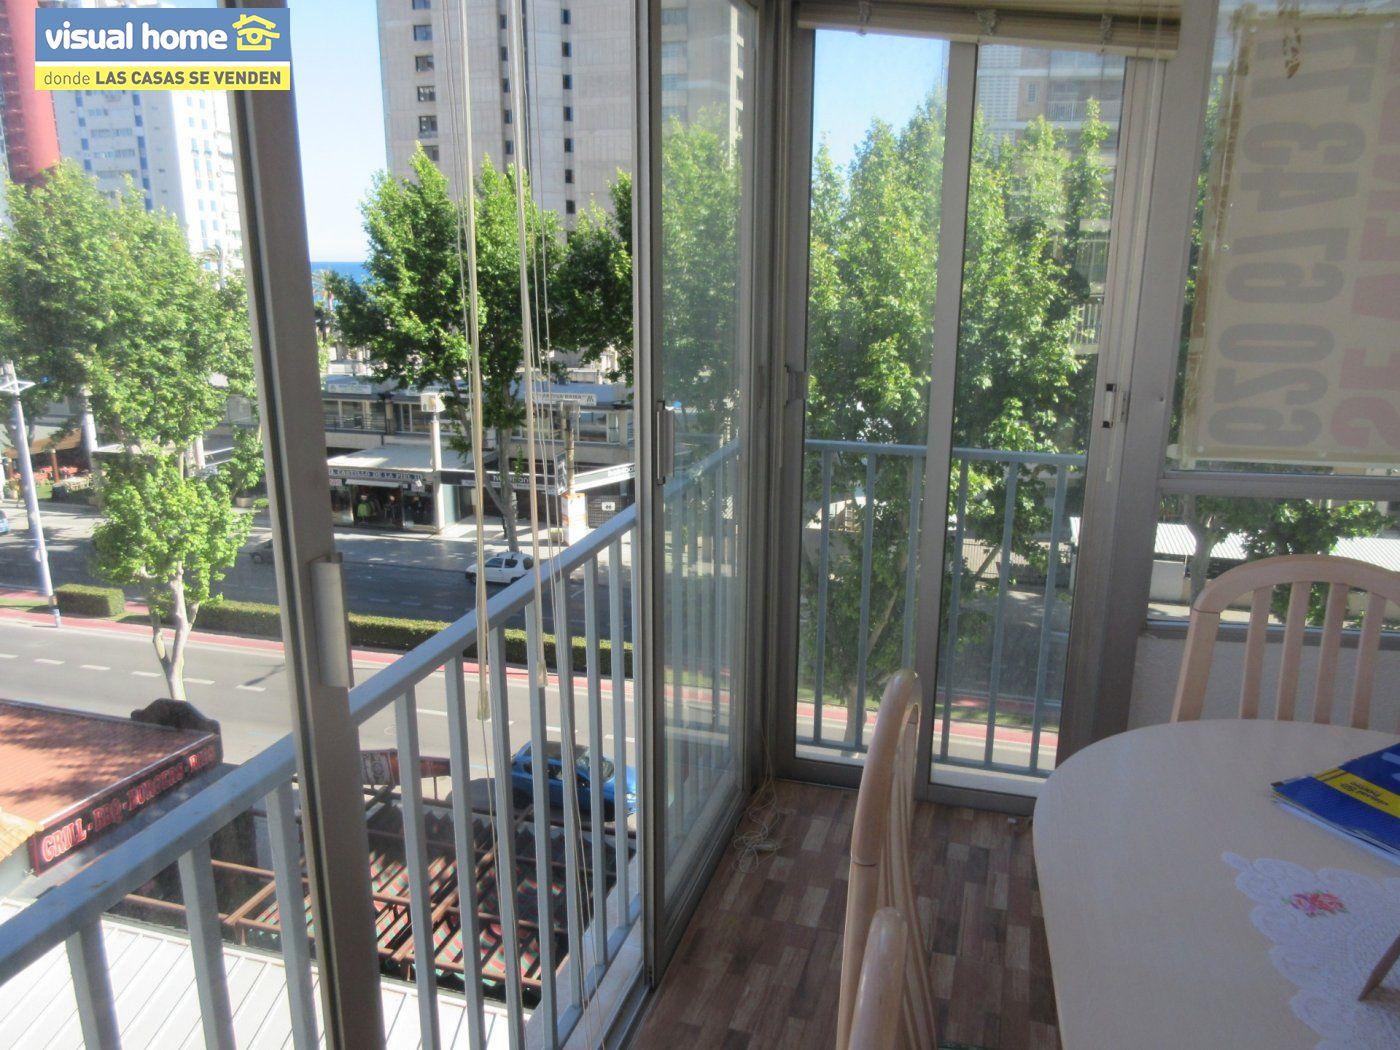 Apartamento todo exterior en Av/ Mediterráneo con garaje y piscina a 50 mts de la playa 15